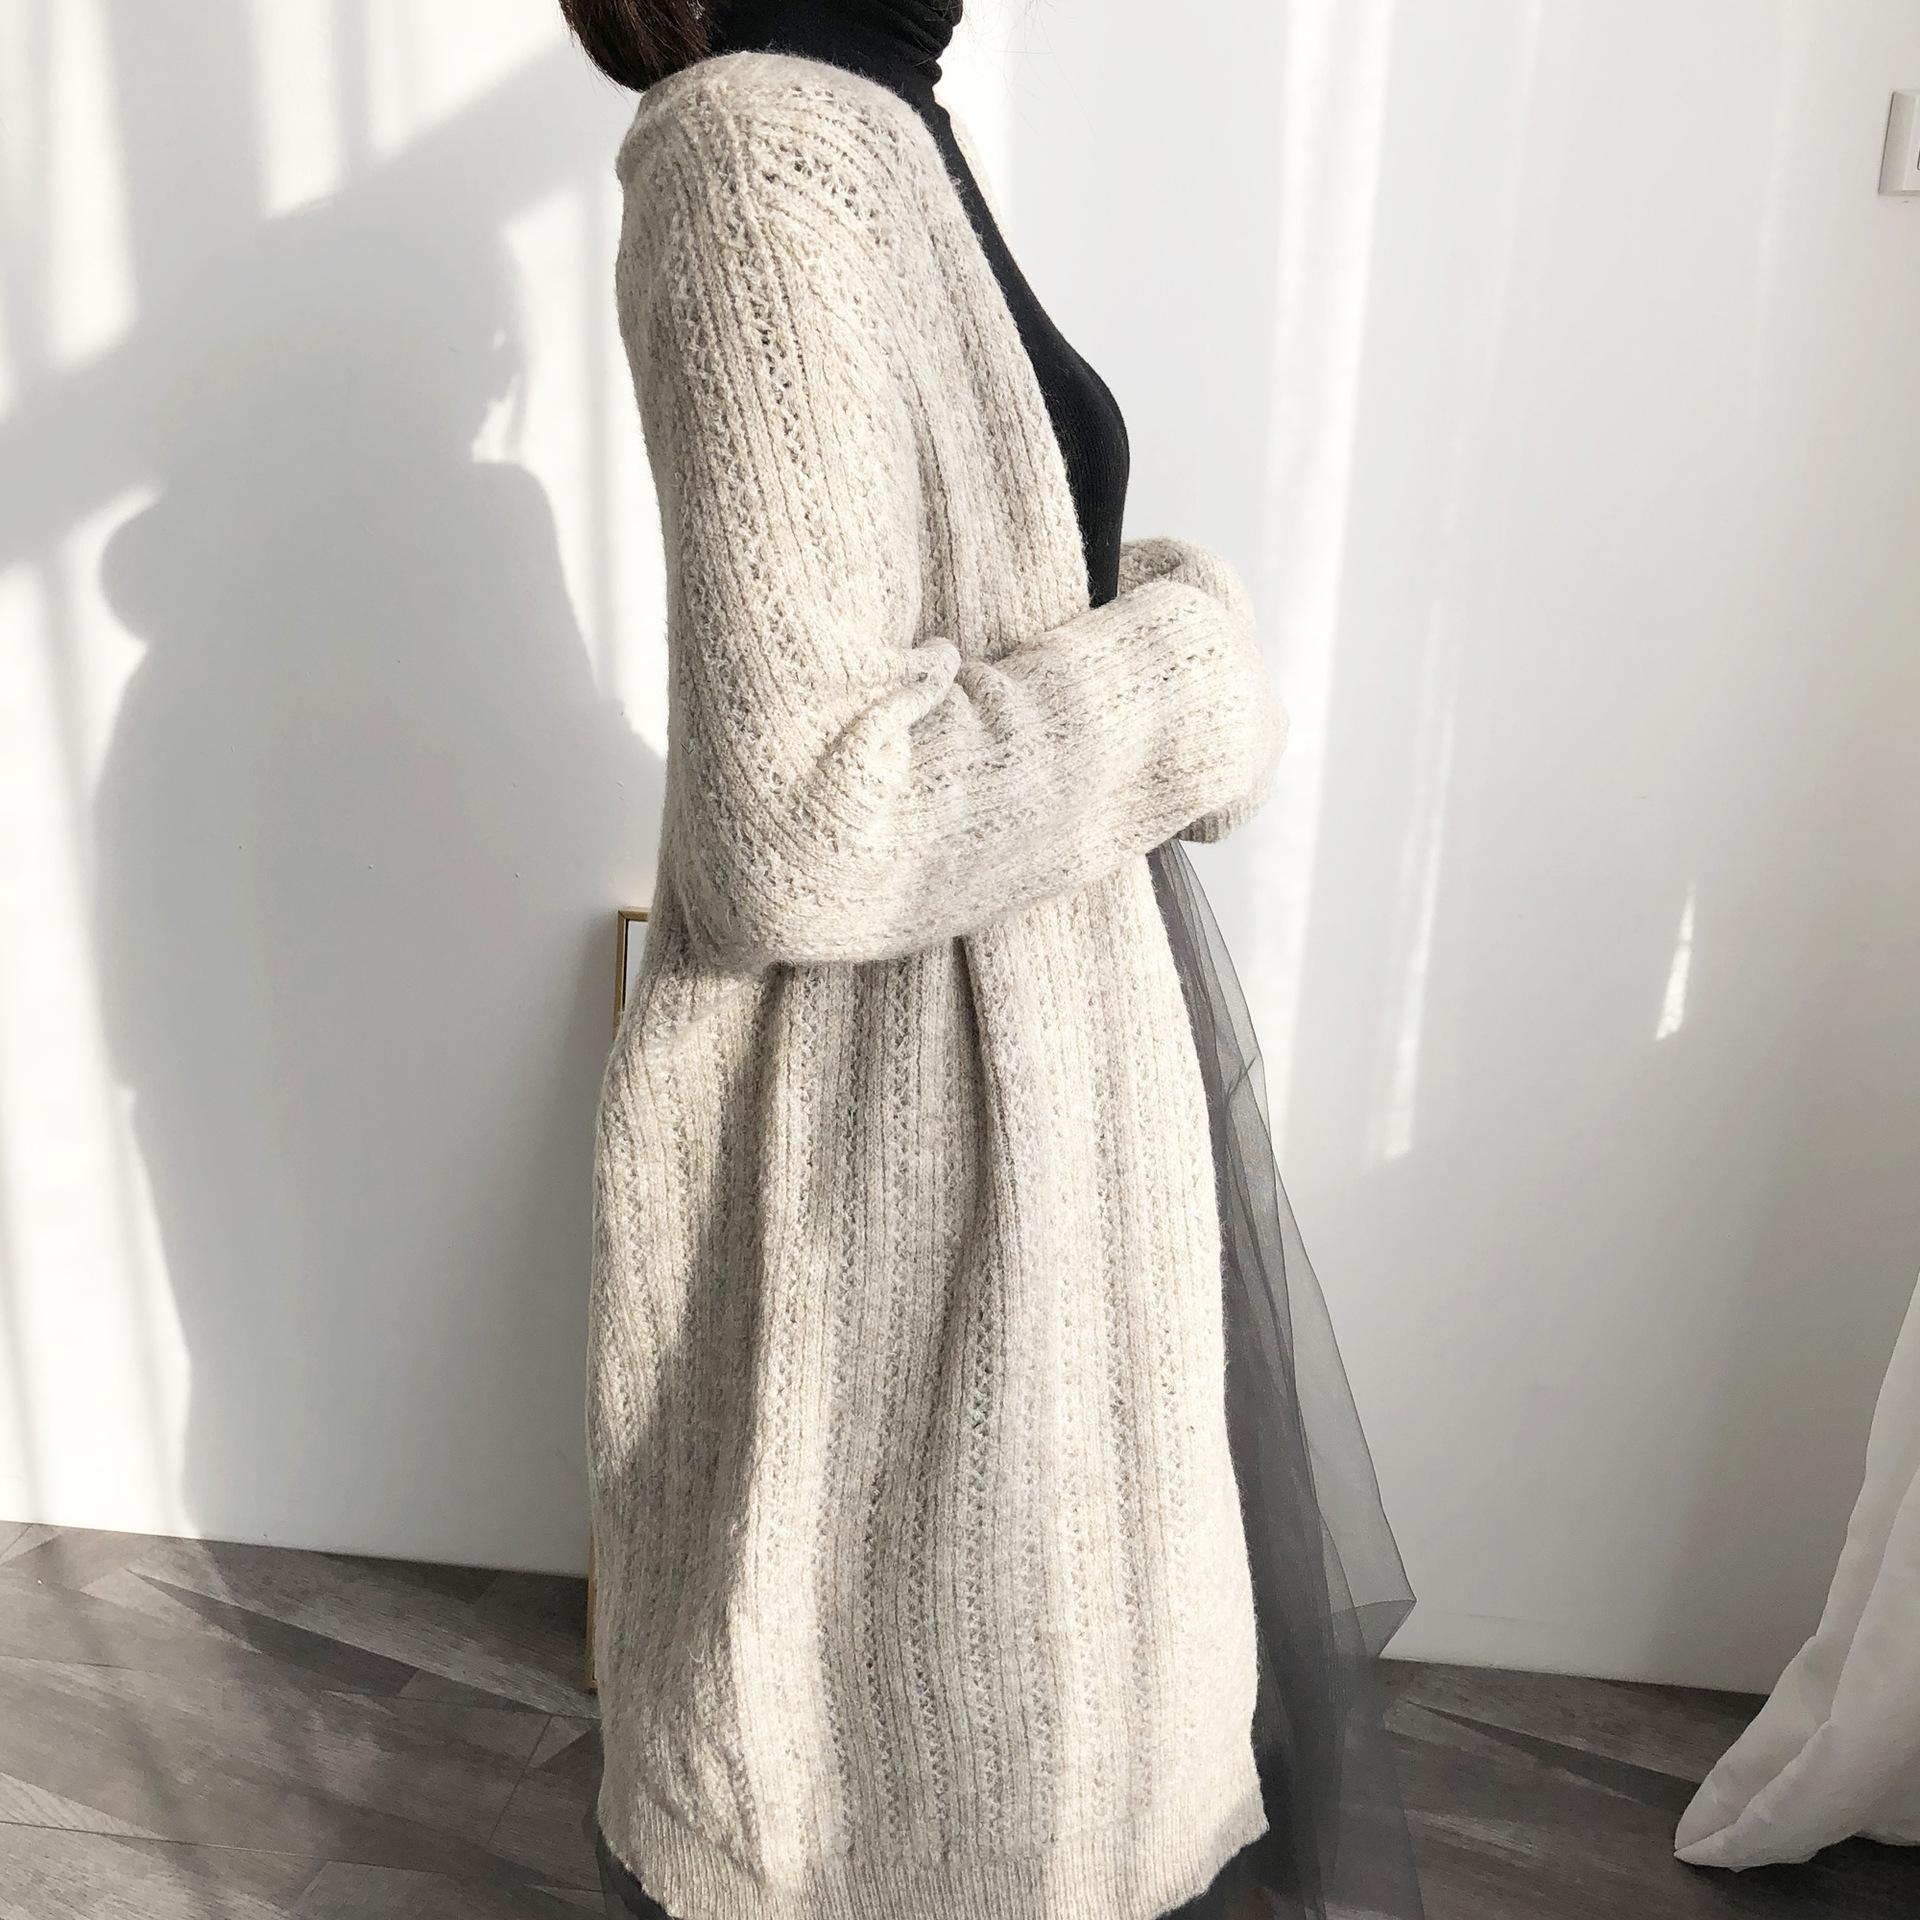 Jia Zhi 8-1978 frühe Herbst 2020 faul Wind weich wachsartig lose mittellange Strickjacke Mantel Pullover Pullover Mantel für Frauen